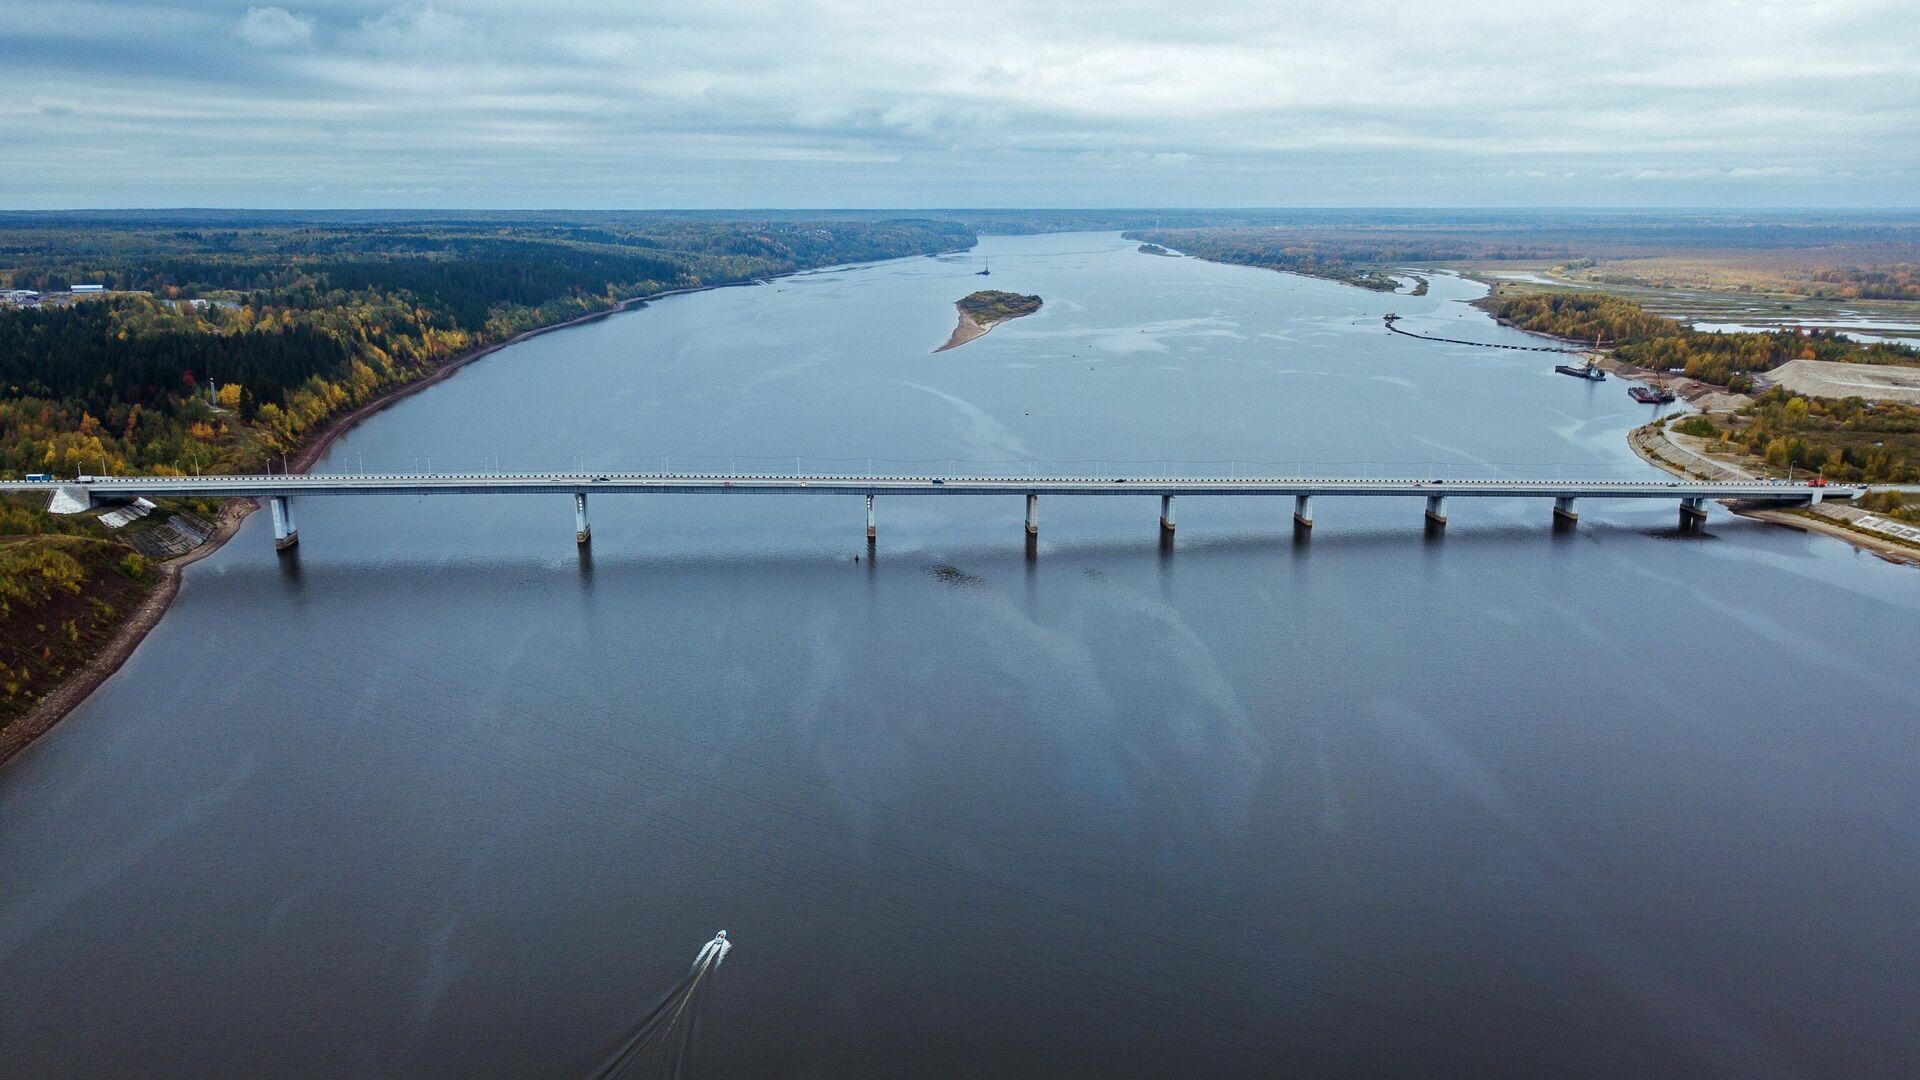 Мост через реку Каму в районе города Усолье Пермского края - РИА Новости, 1920, 11.07.2021